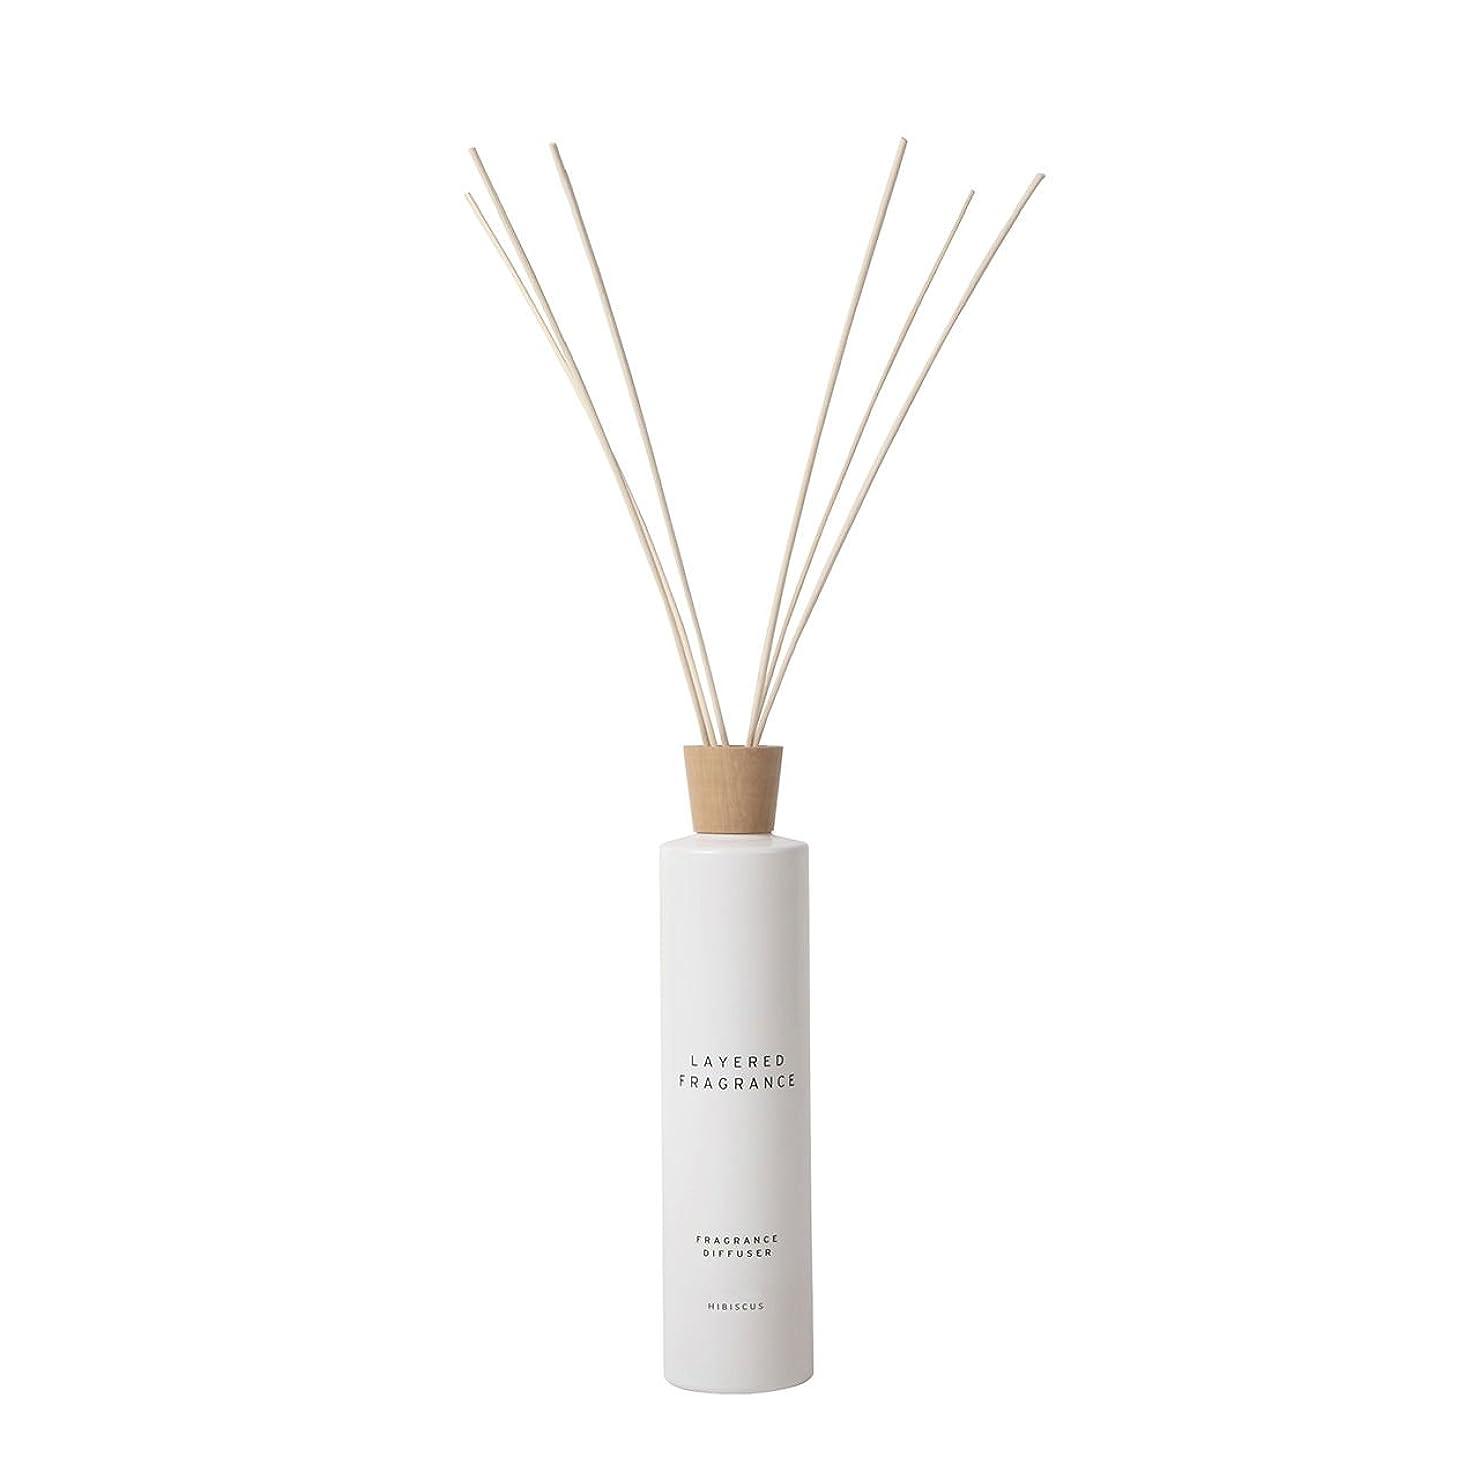 粉砕する探す満たす空間ごとに香りを使い分けて楽しむ レイヤードフレグランス フレグランスディフューザー ハイビスカス 500ml